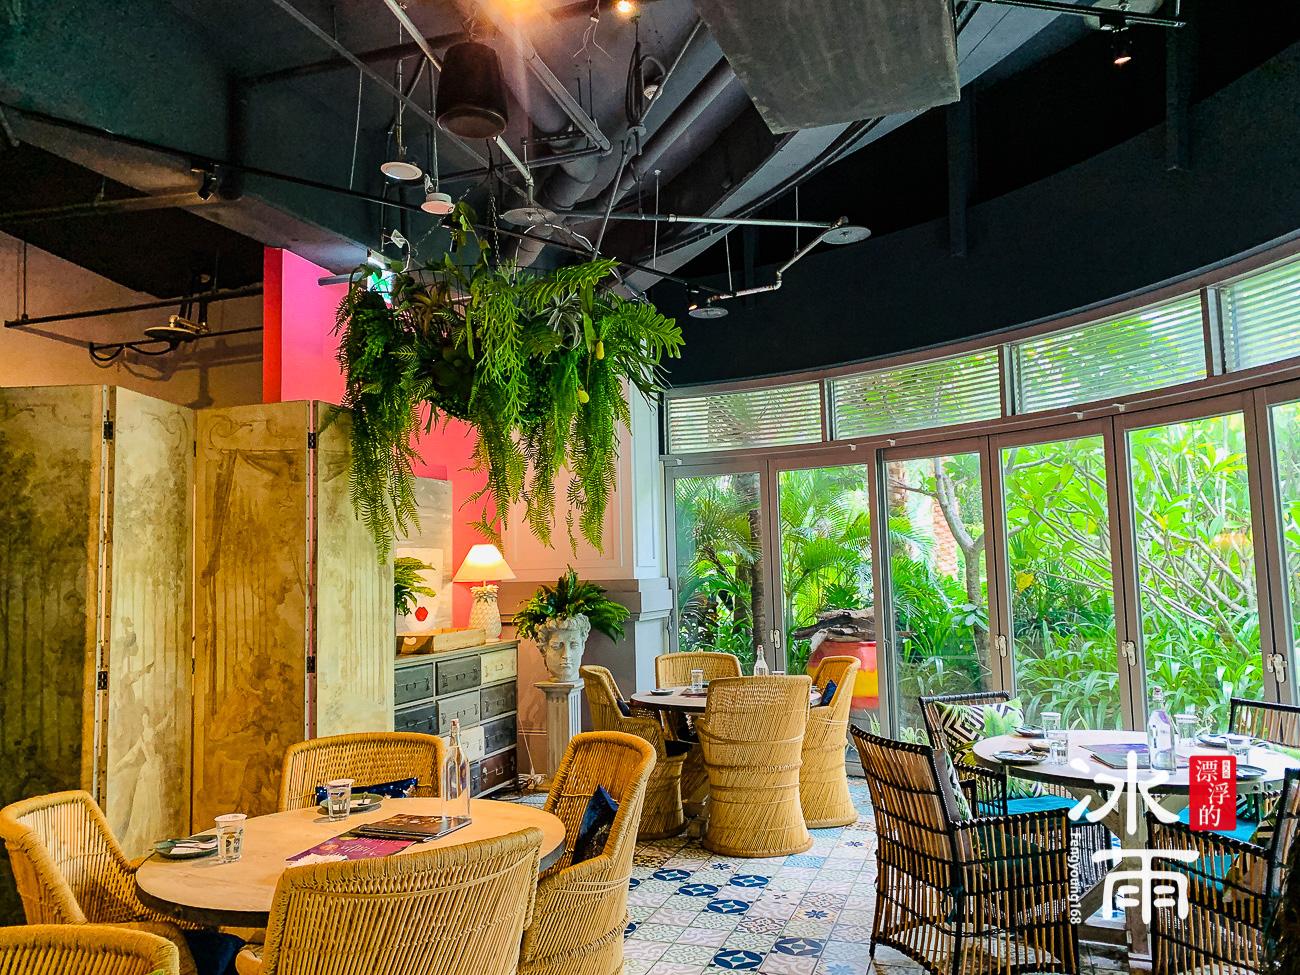 輕鬆大方的室內空間,搭配戶外的綠色叢林,好像真的到了清邁